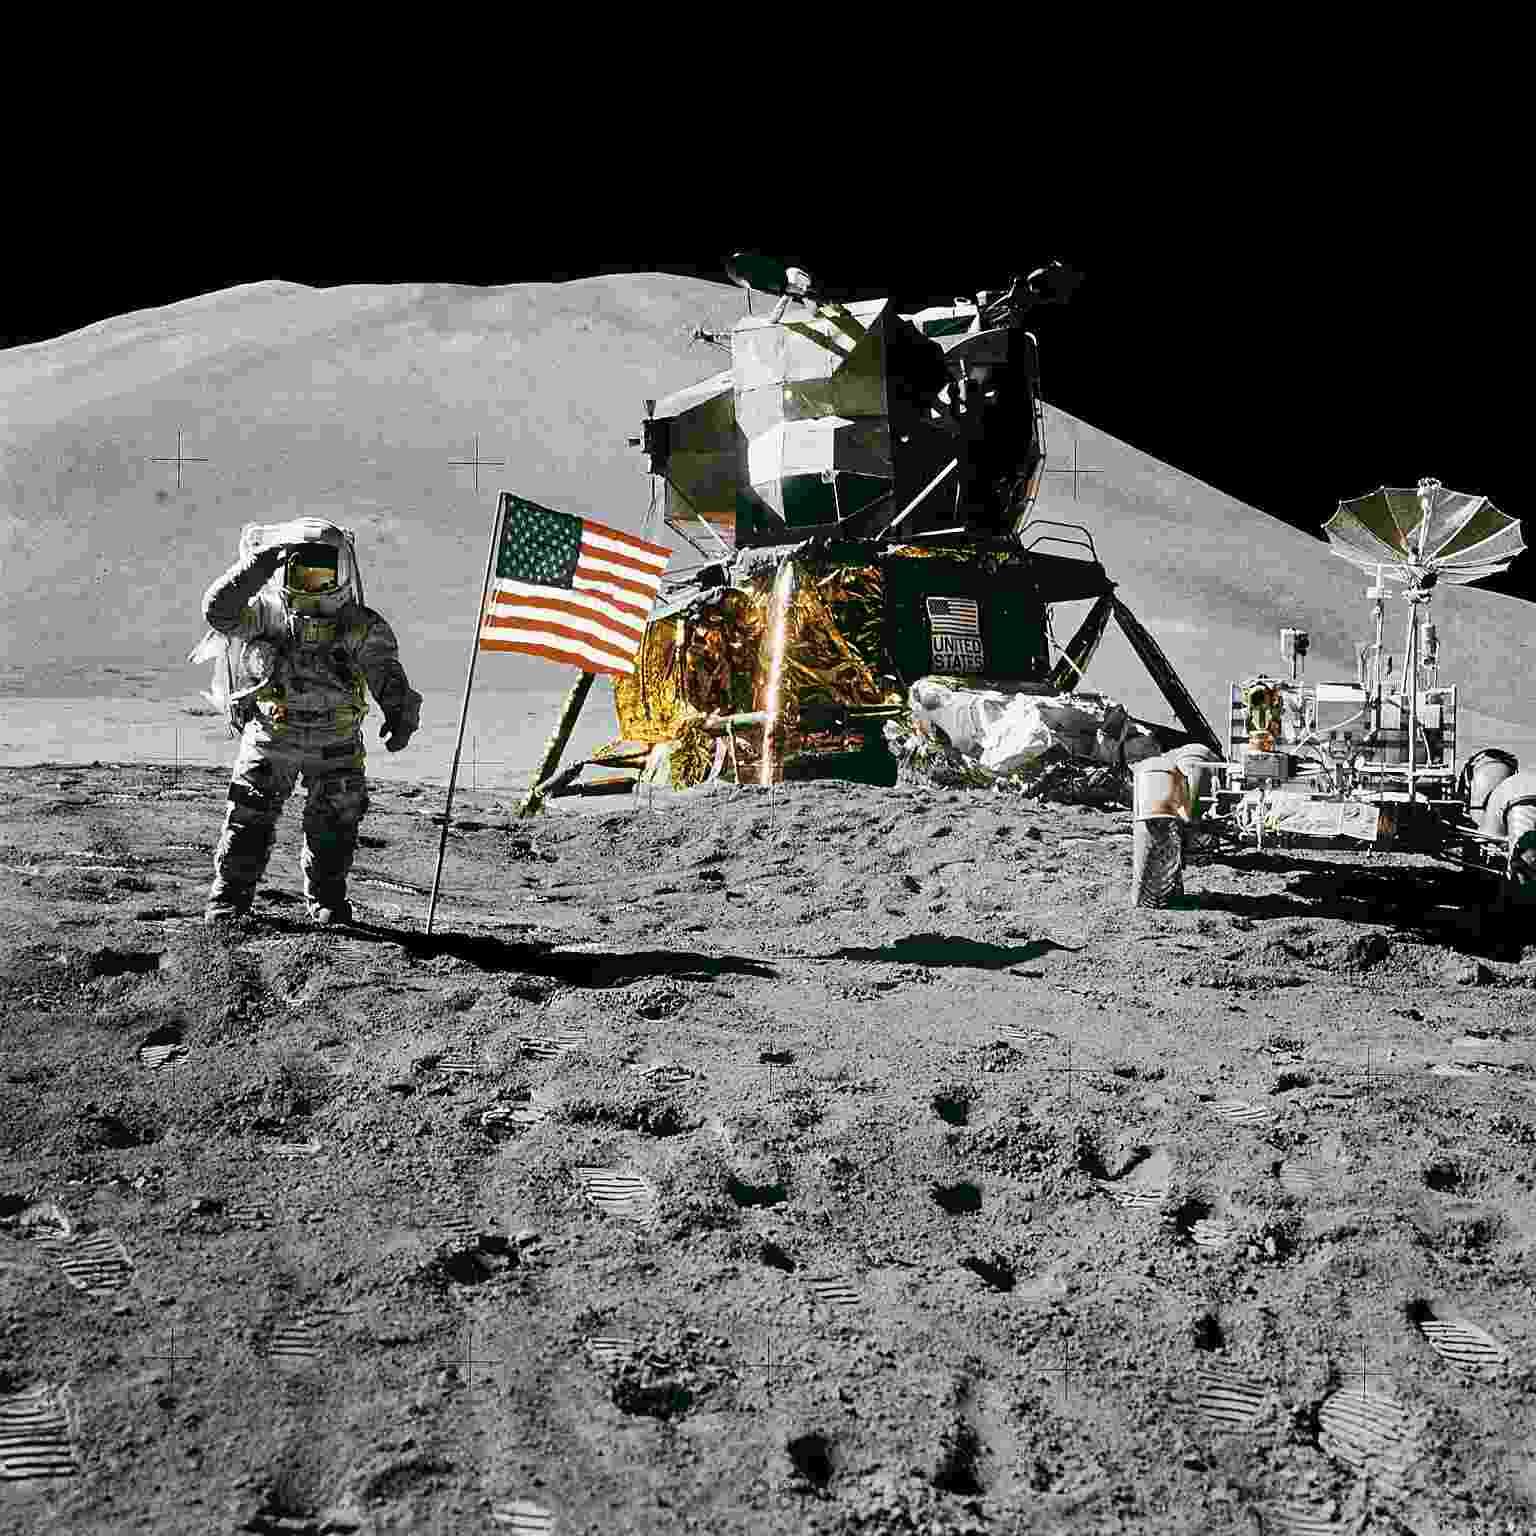 Luna Mision espacial apolo eeuu